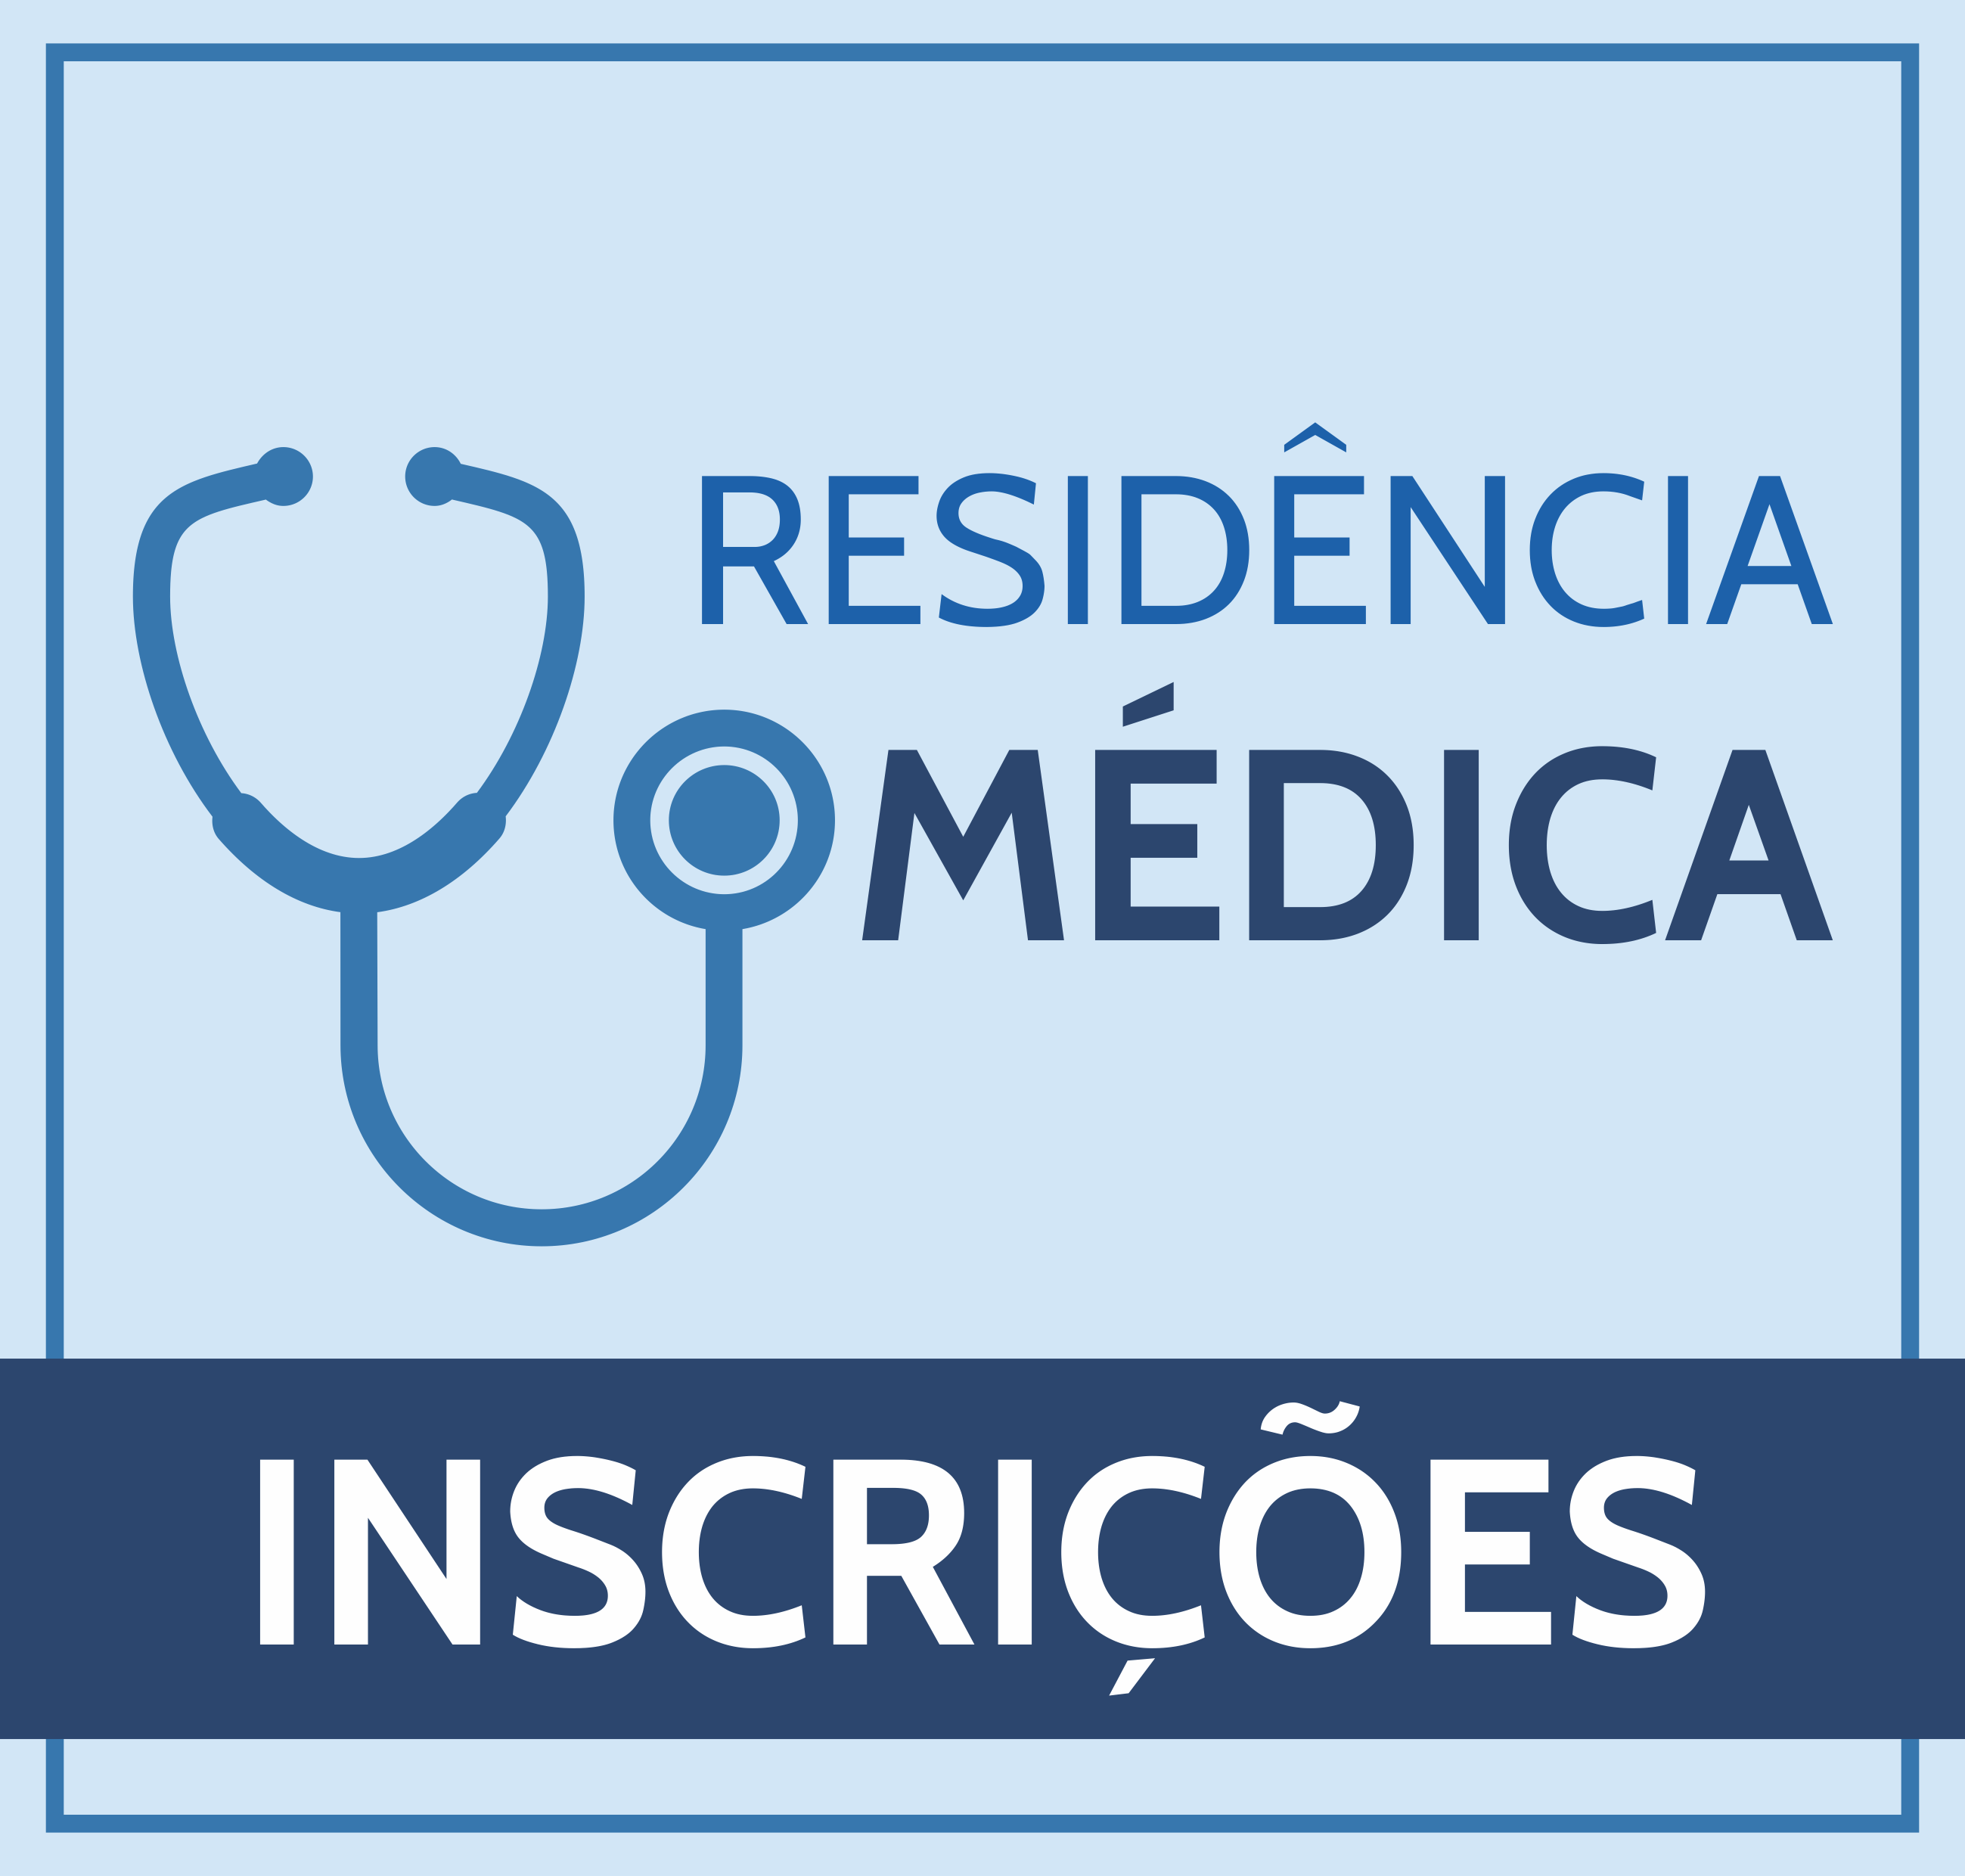 RESIDÊNCIA MÉDICA INSCRIÇÕES